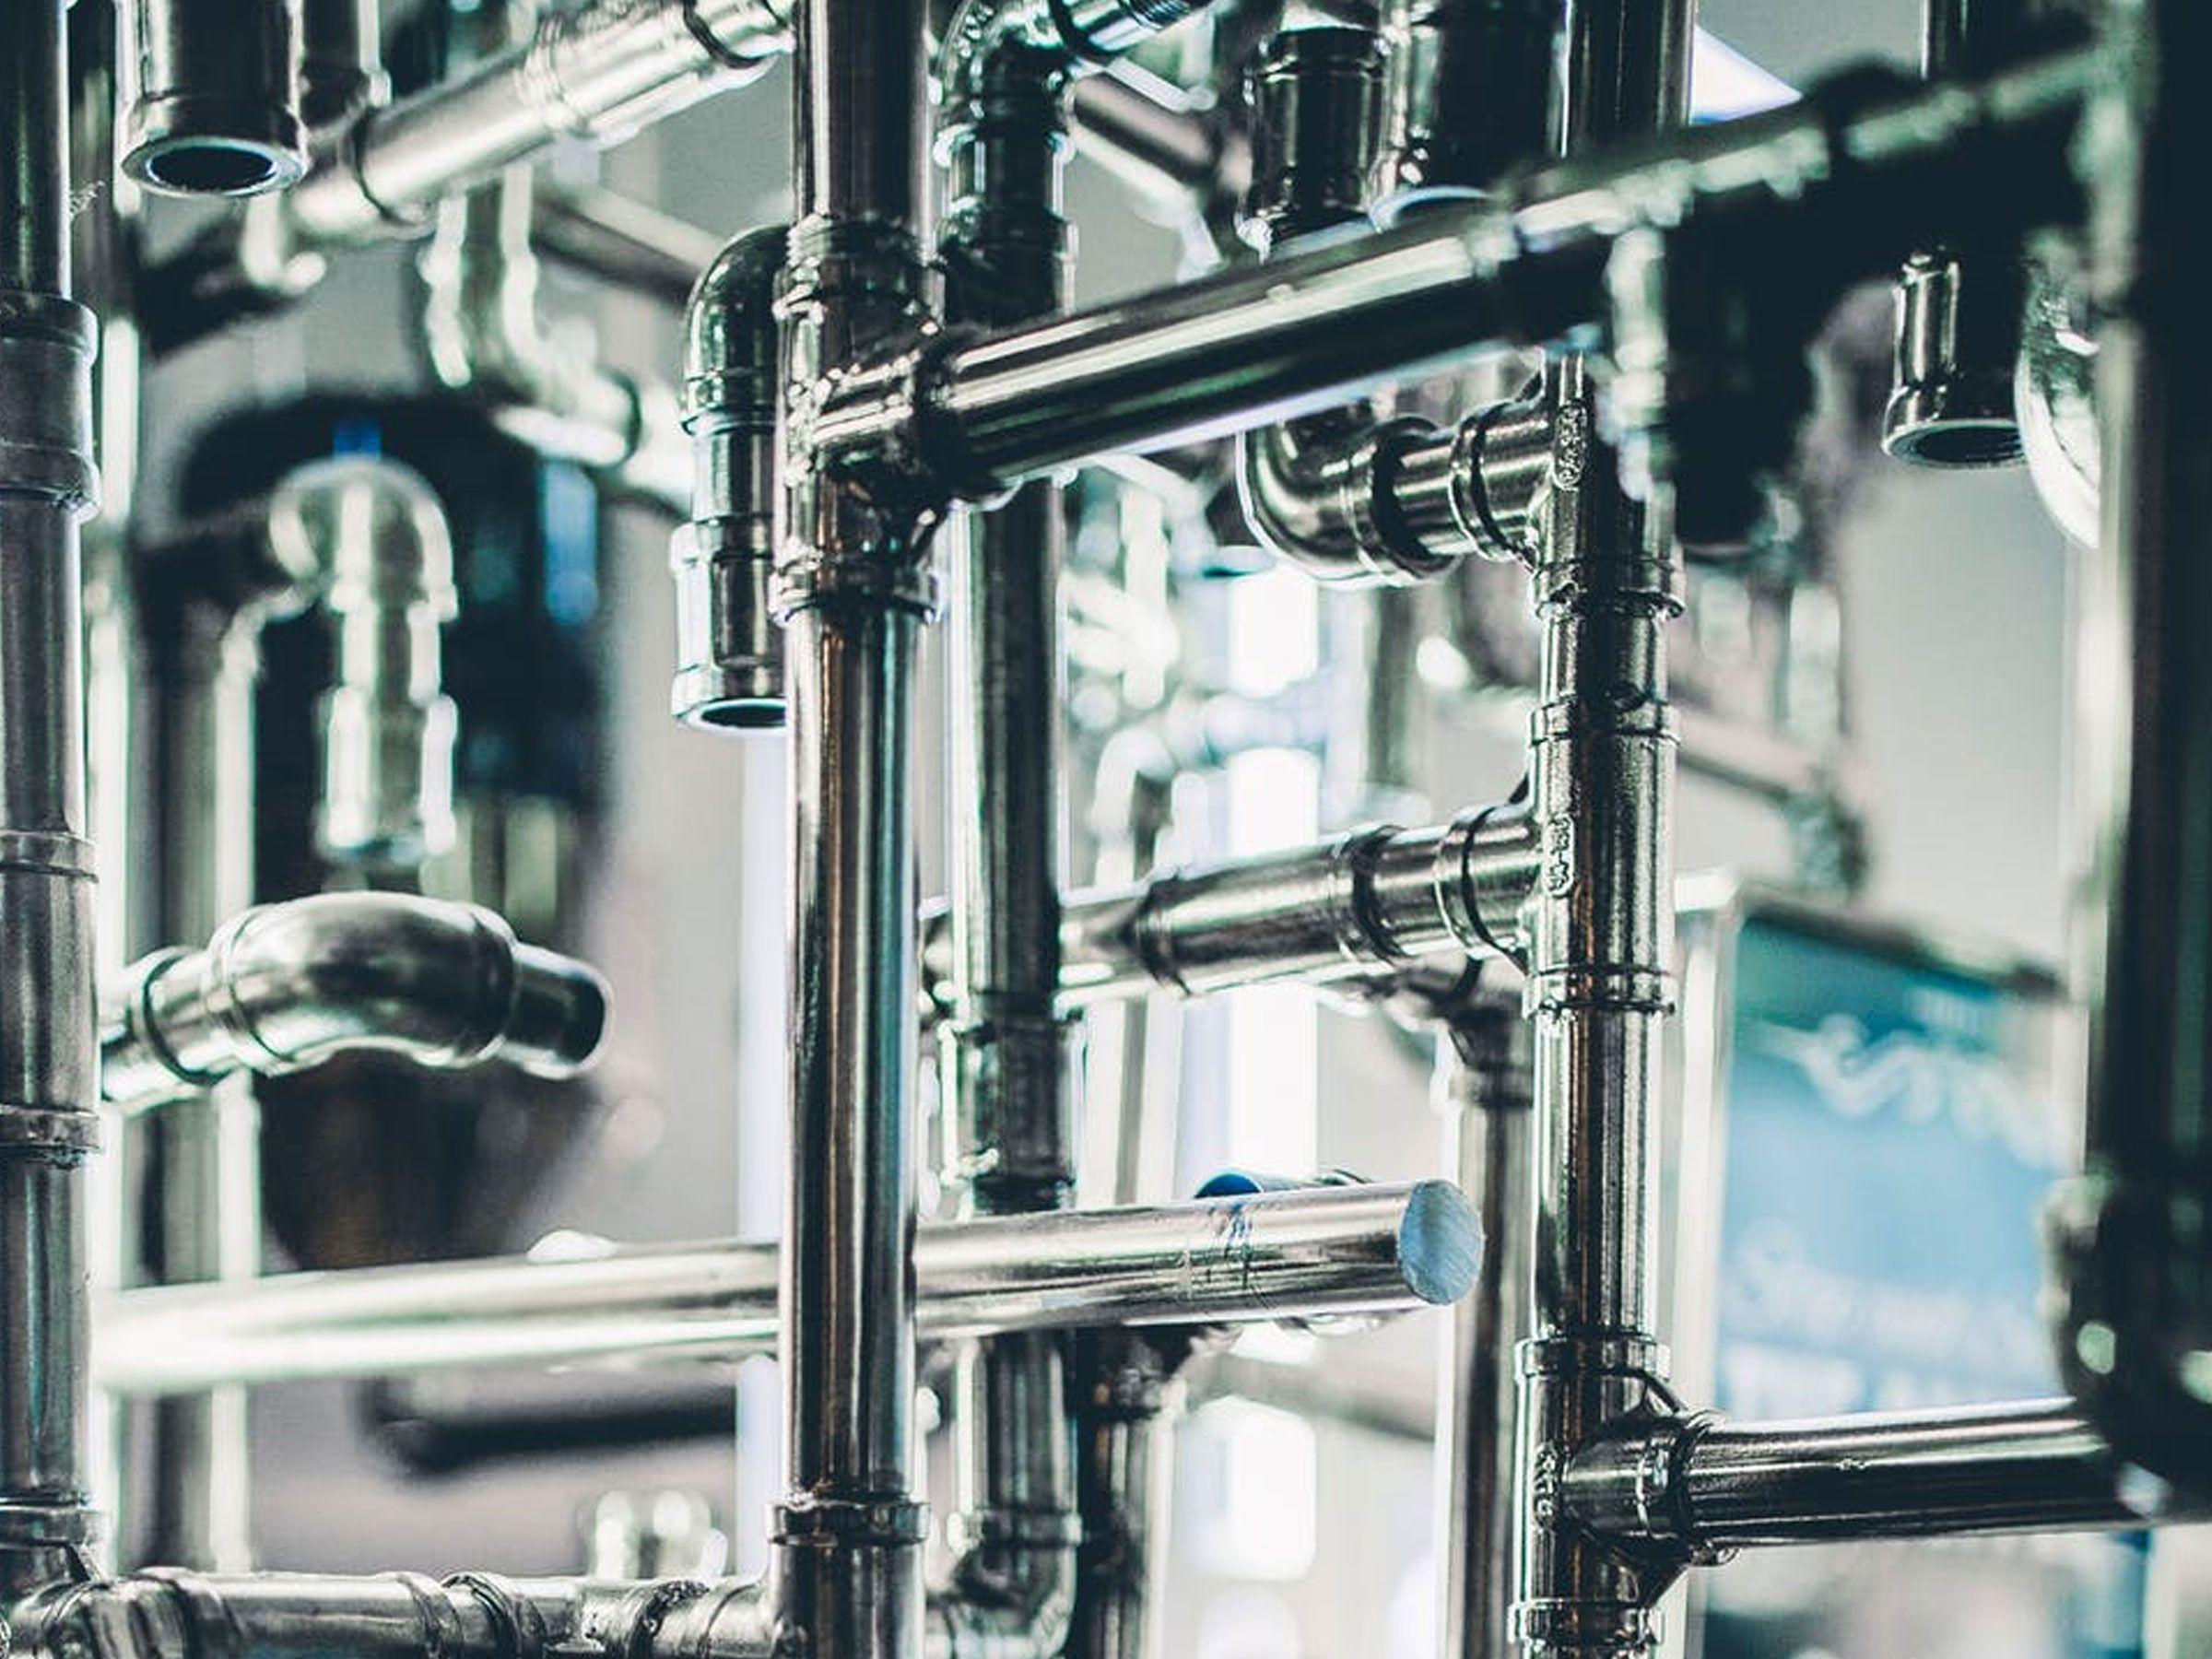 blog-commercial-plumbing